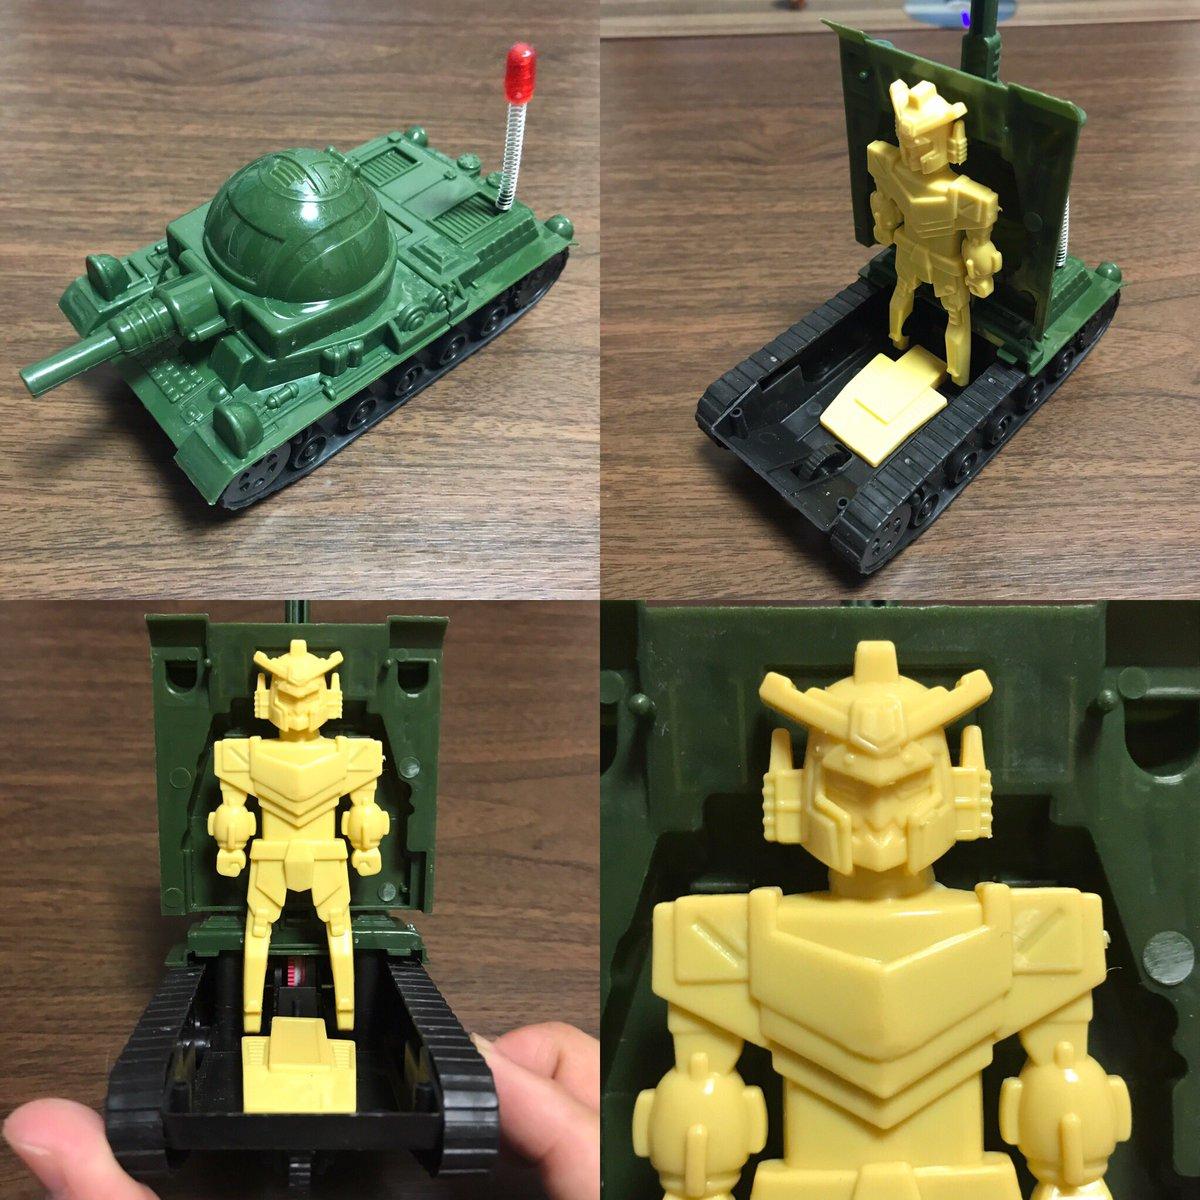 test ツイッターメディア - #DAISO で見つけたゼンマイ戦車。ロボット内蔵というのが斬新だなと^_^; https://t.co/oD11PjxSpT